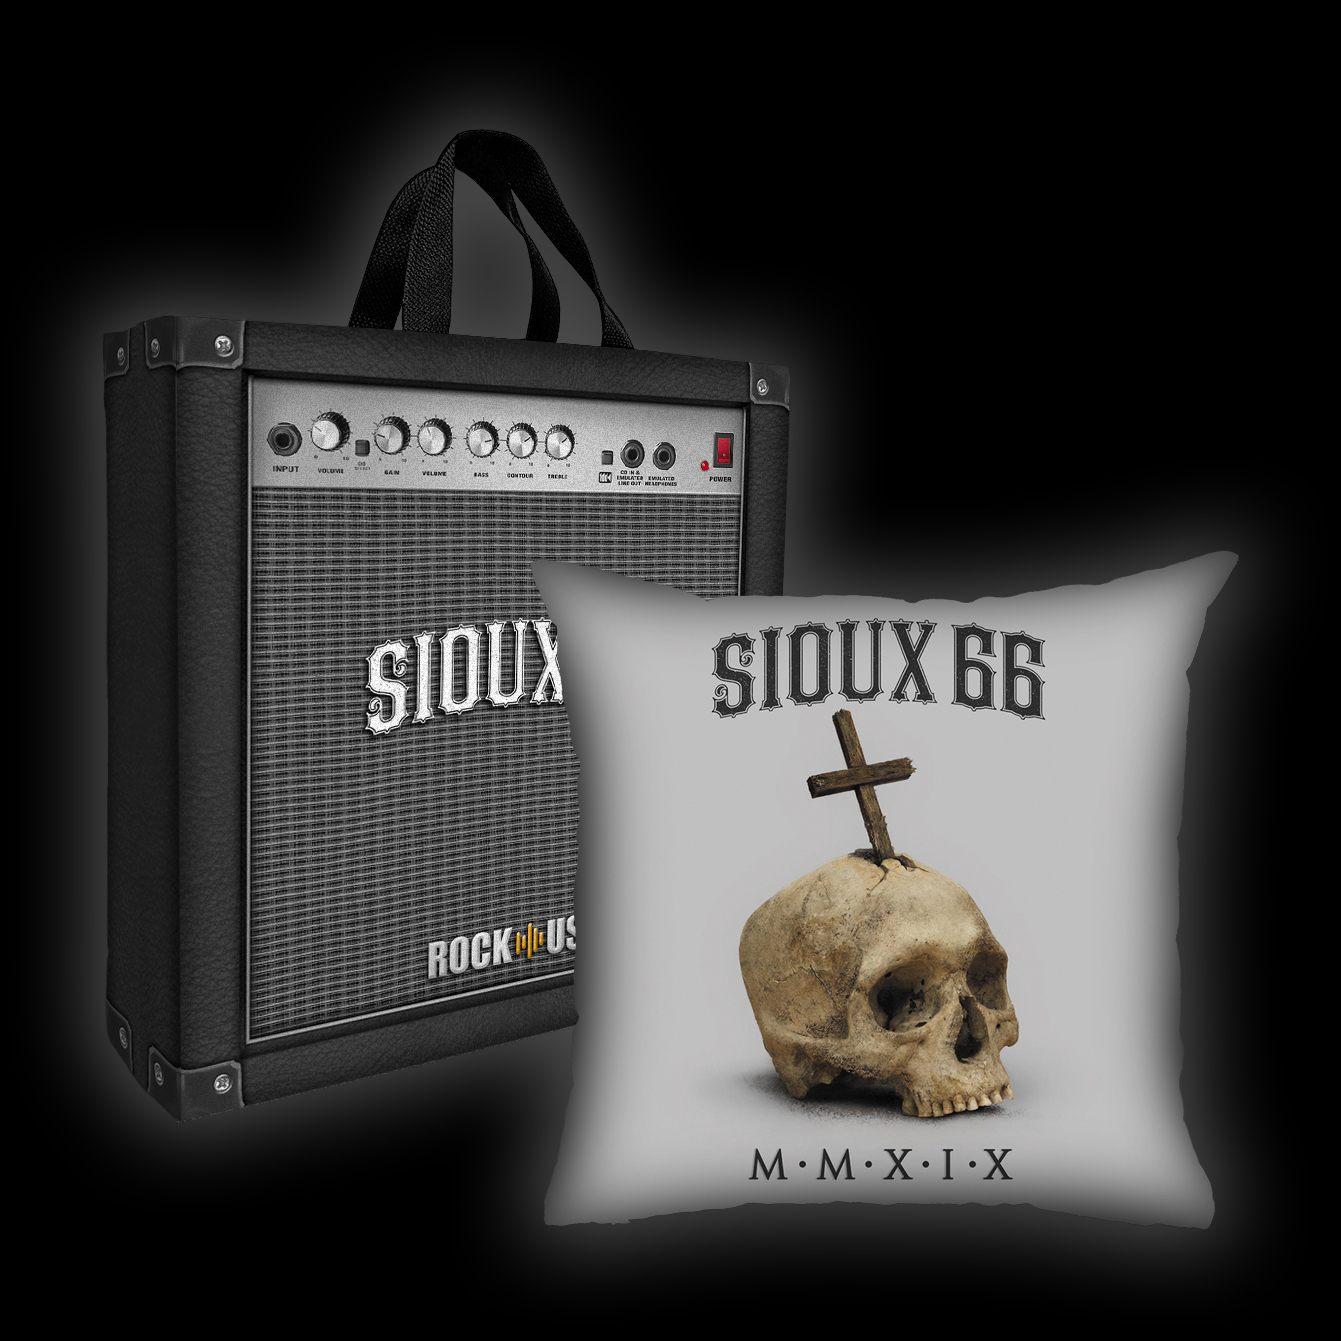 Kit Almofada + Sacola Sioux 66 - MMXIX